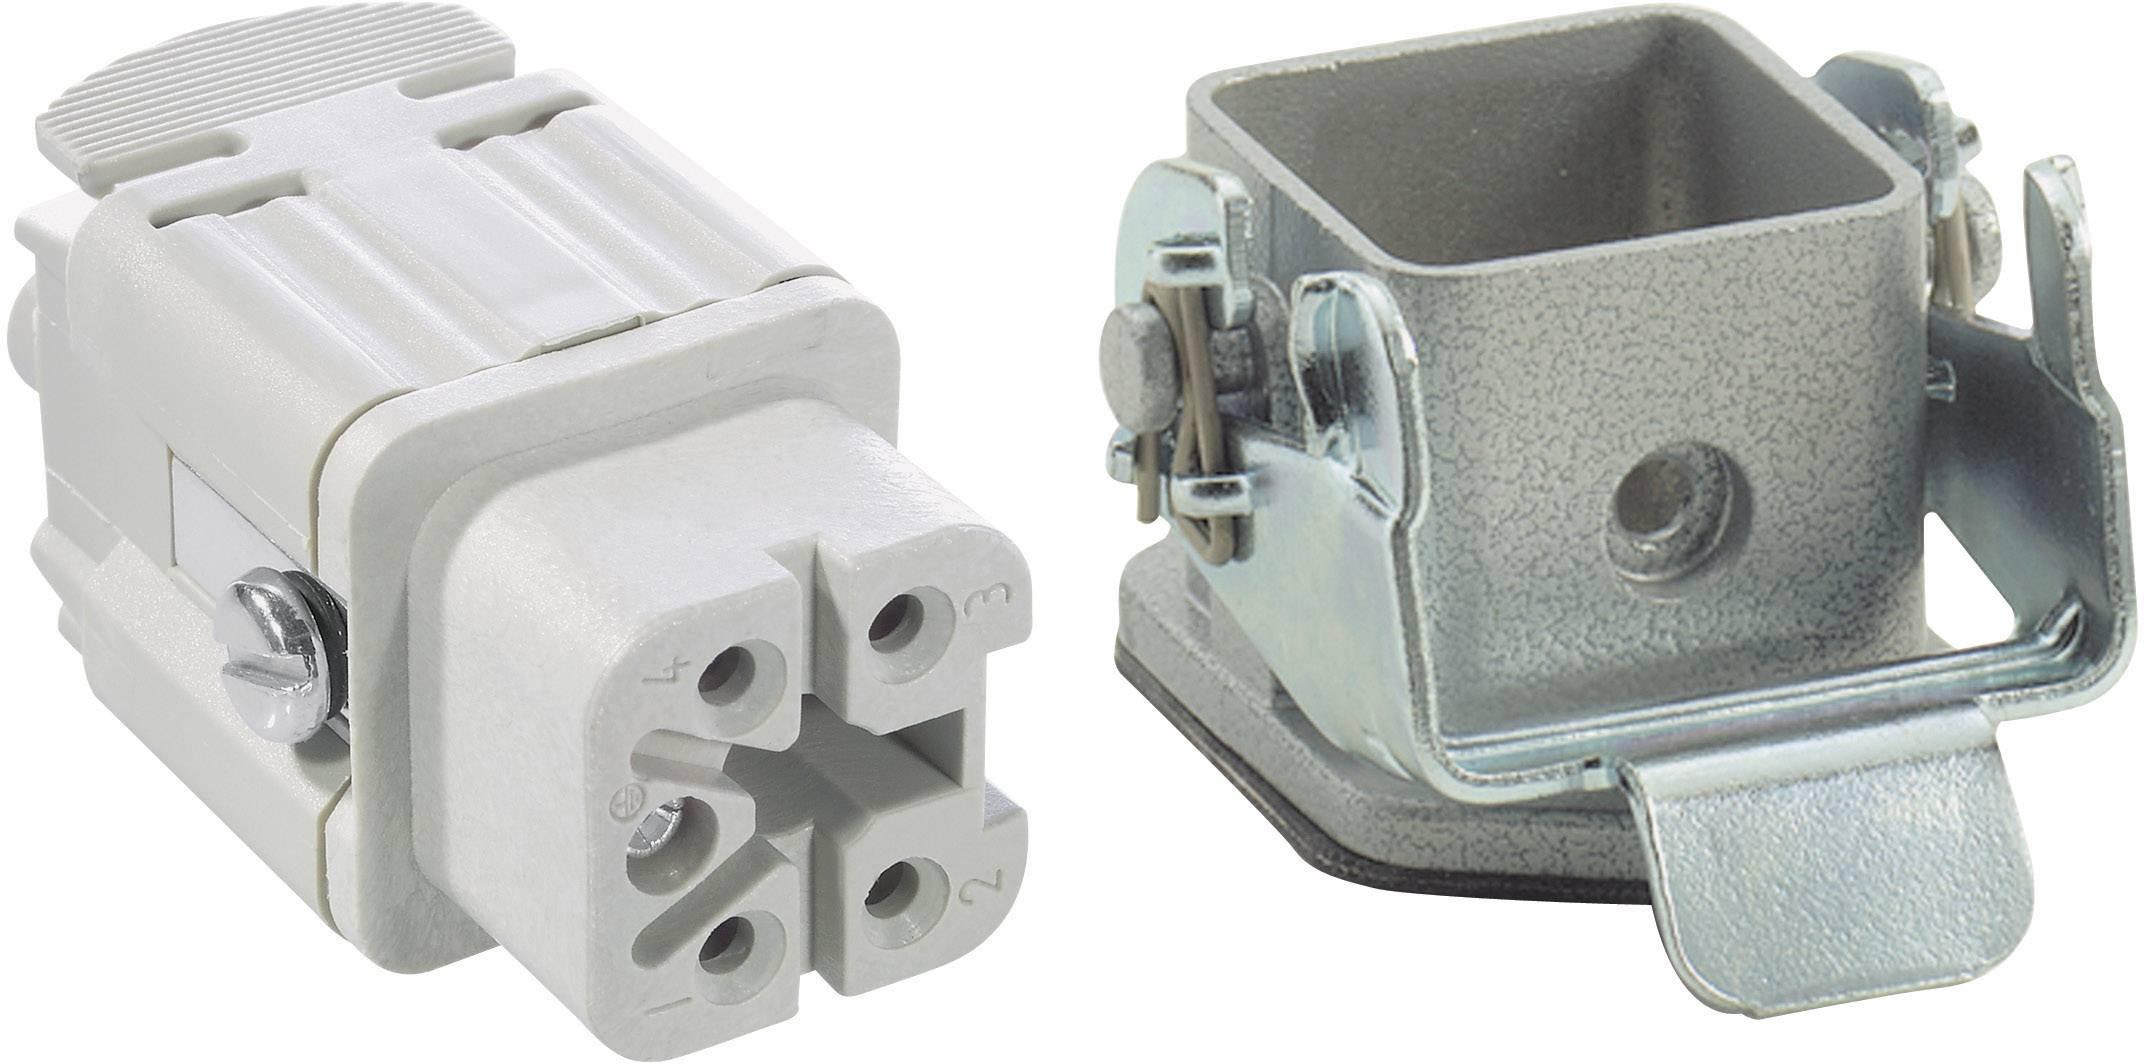 Sada konektorů EPIC®KIT H-A 4 75009618 LappKabel 4 + PE šroubovací 1 sada